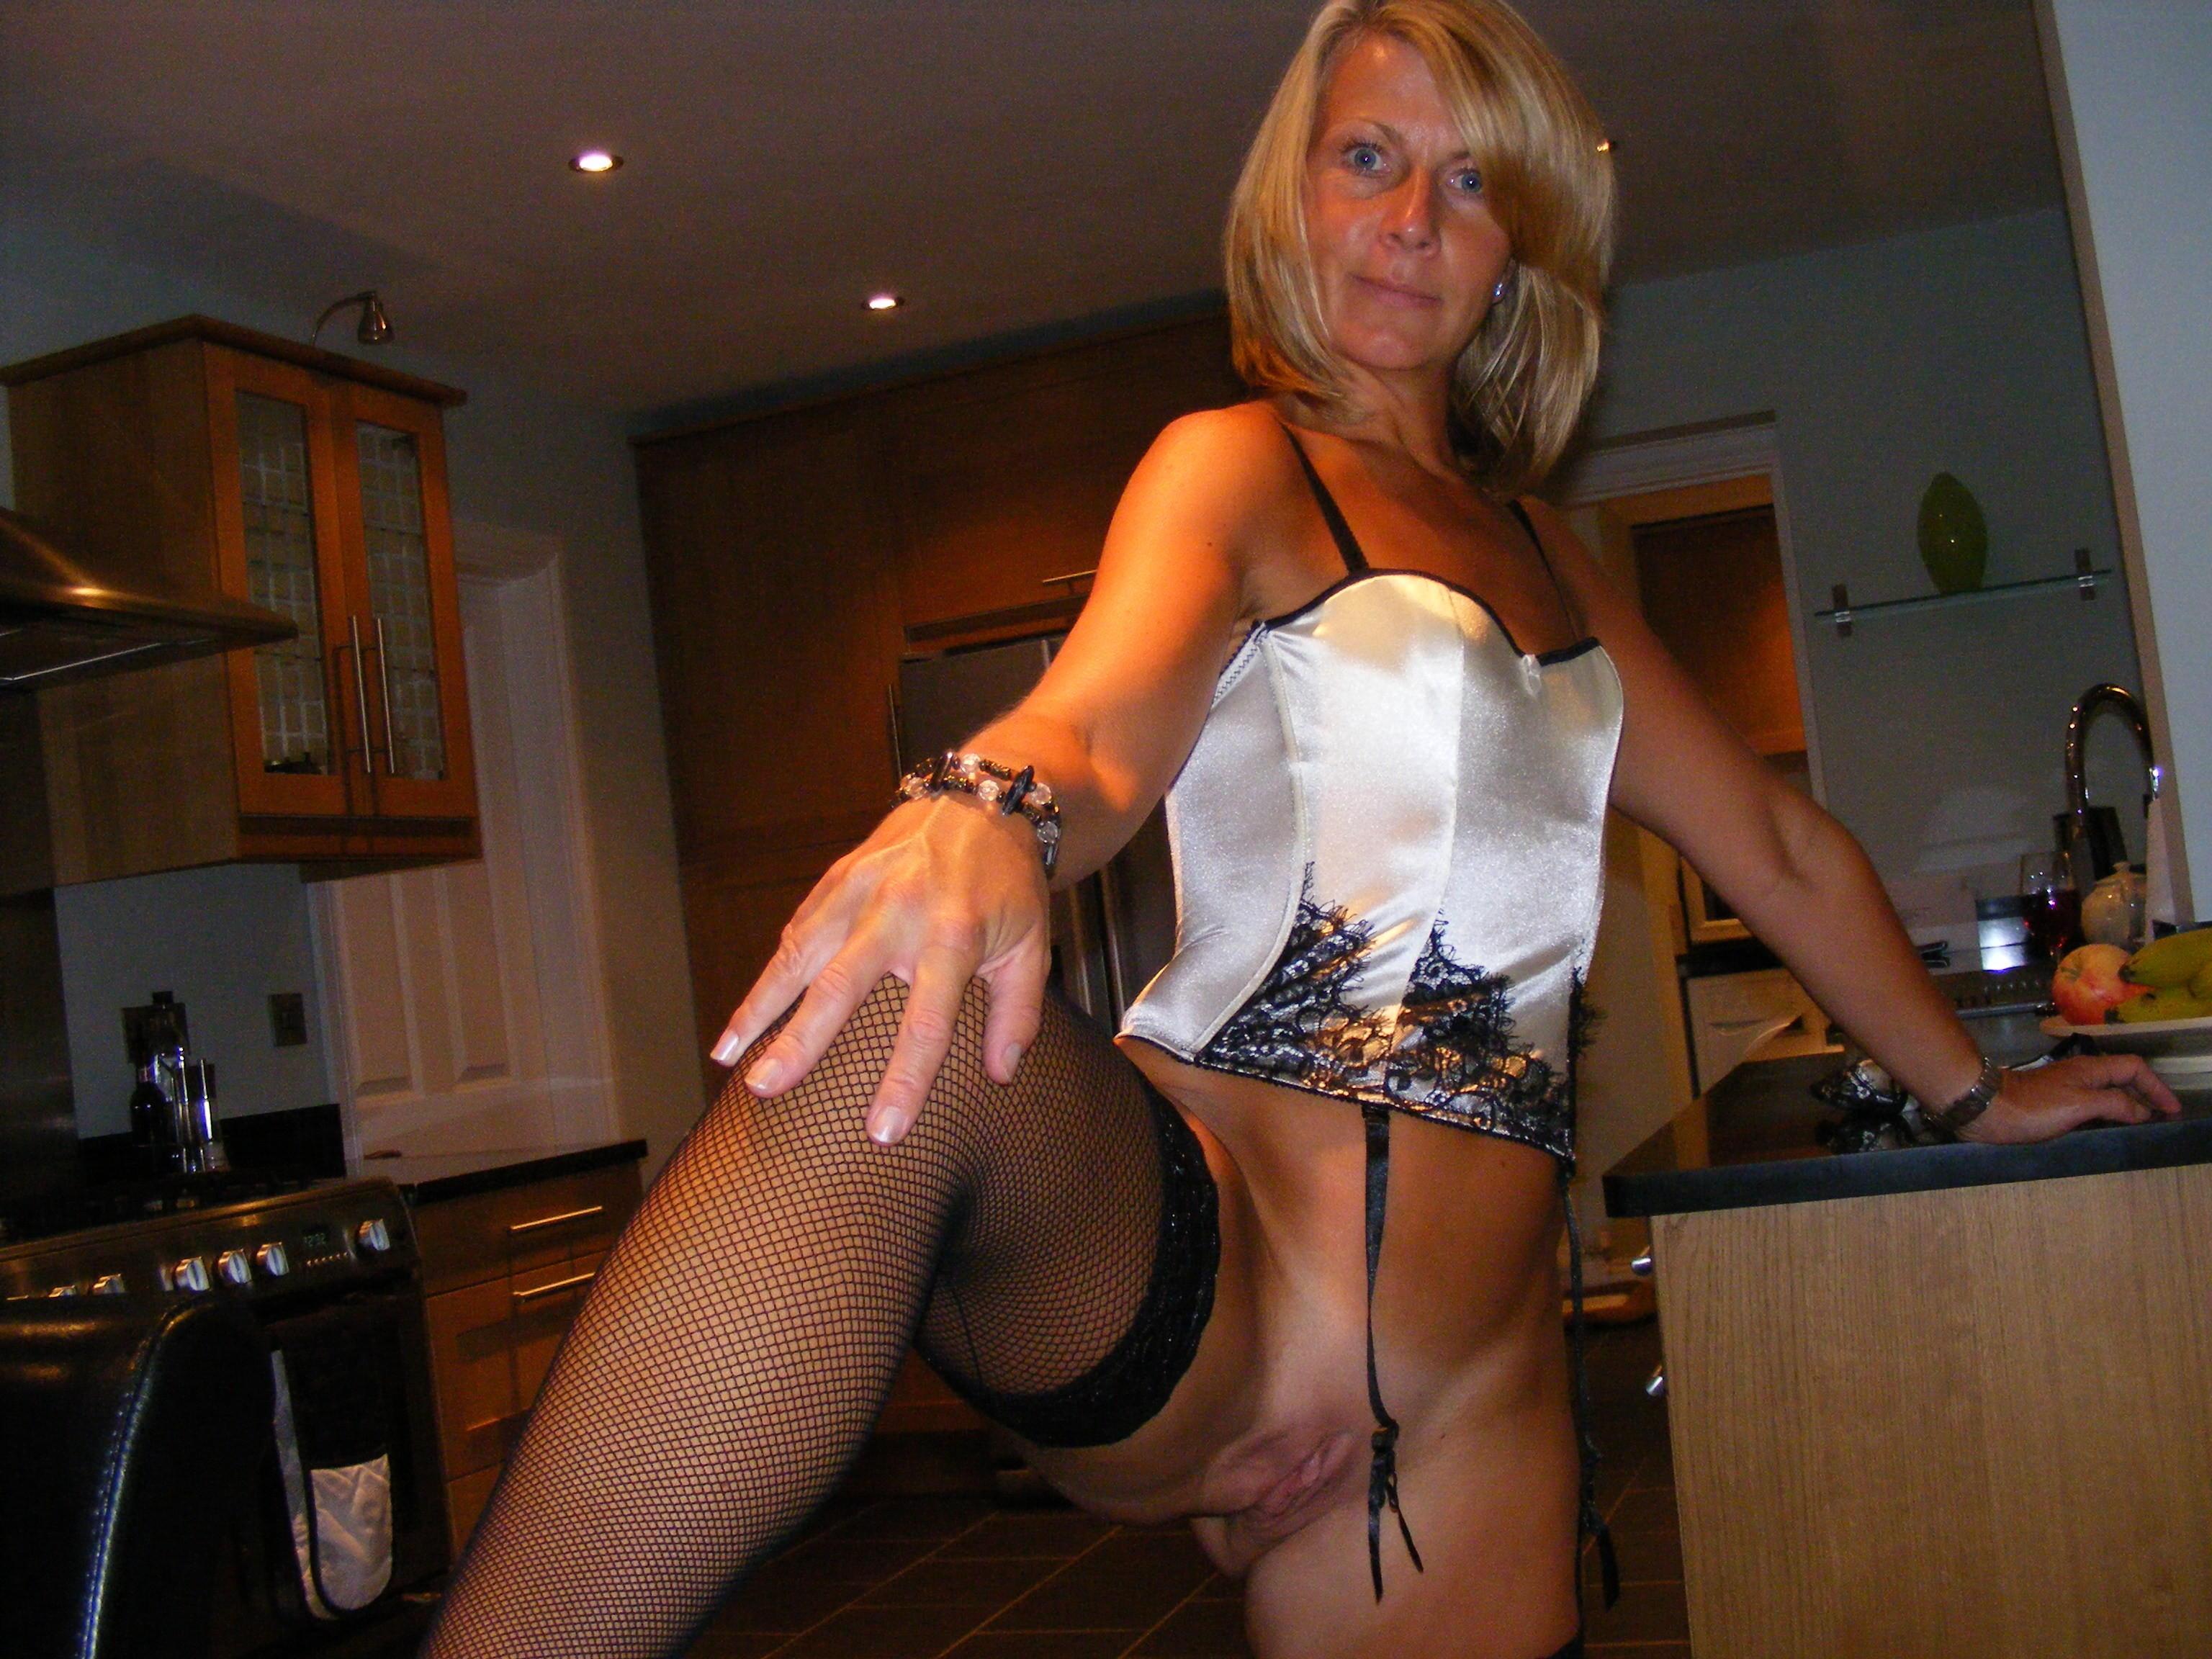 cougar très coquine montre son sexe dans cuisine